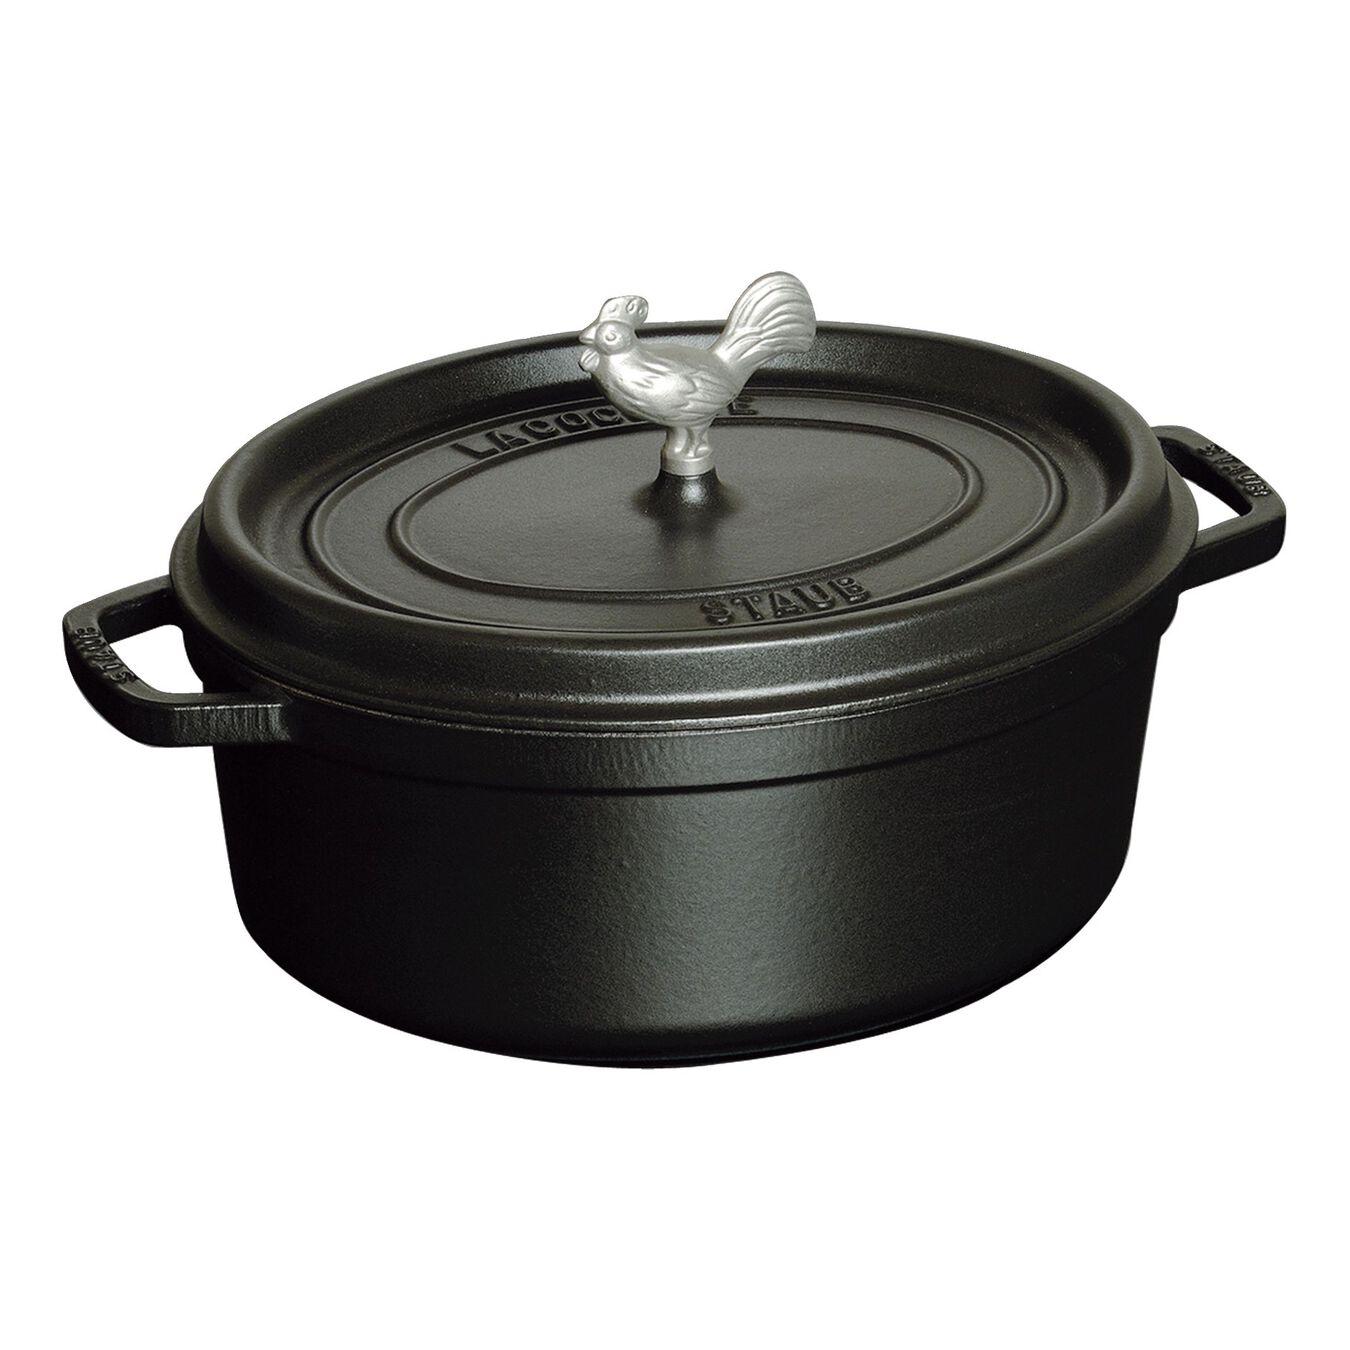 5.5 qt, oval, Coq au Vin Cocotte, black matte,,large 1